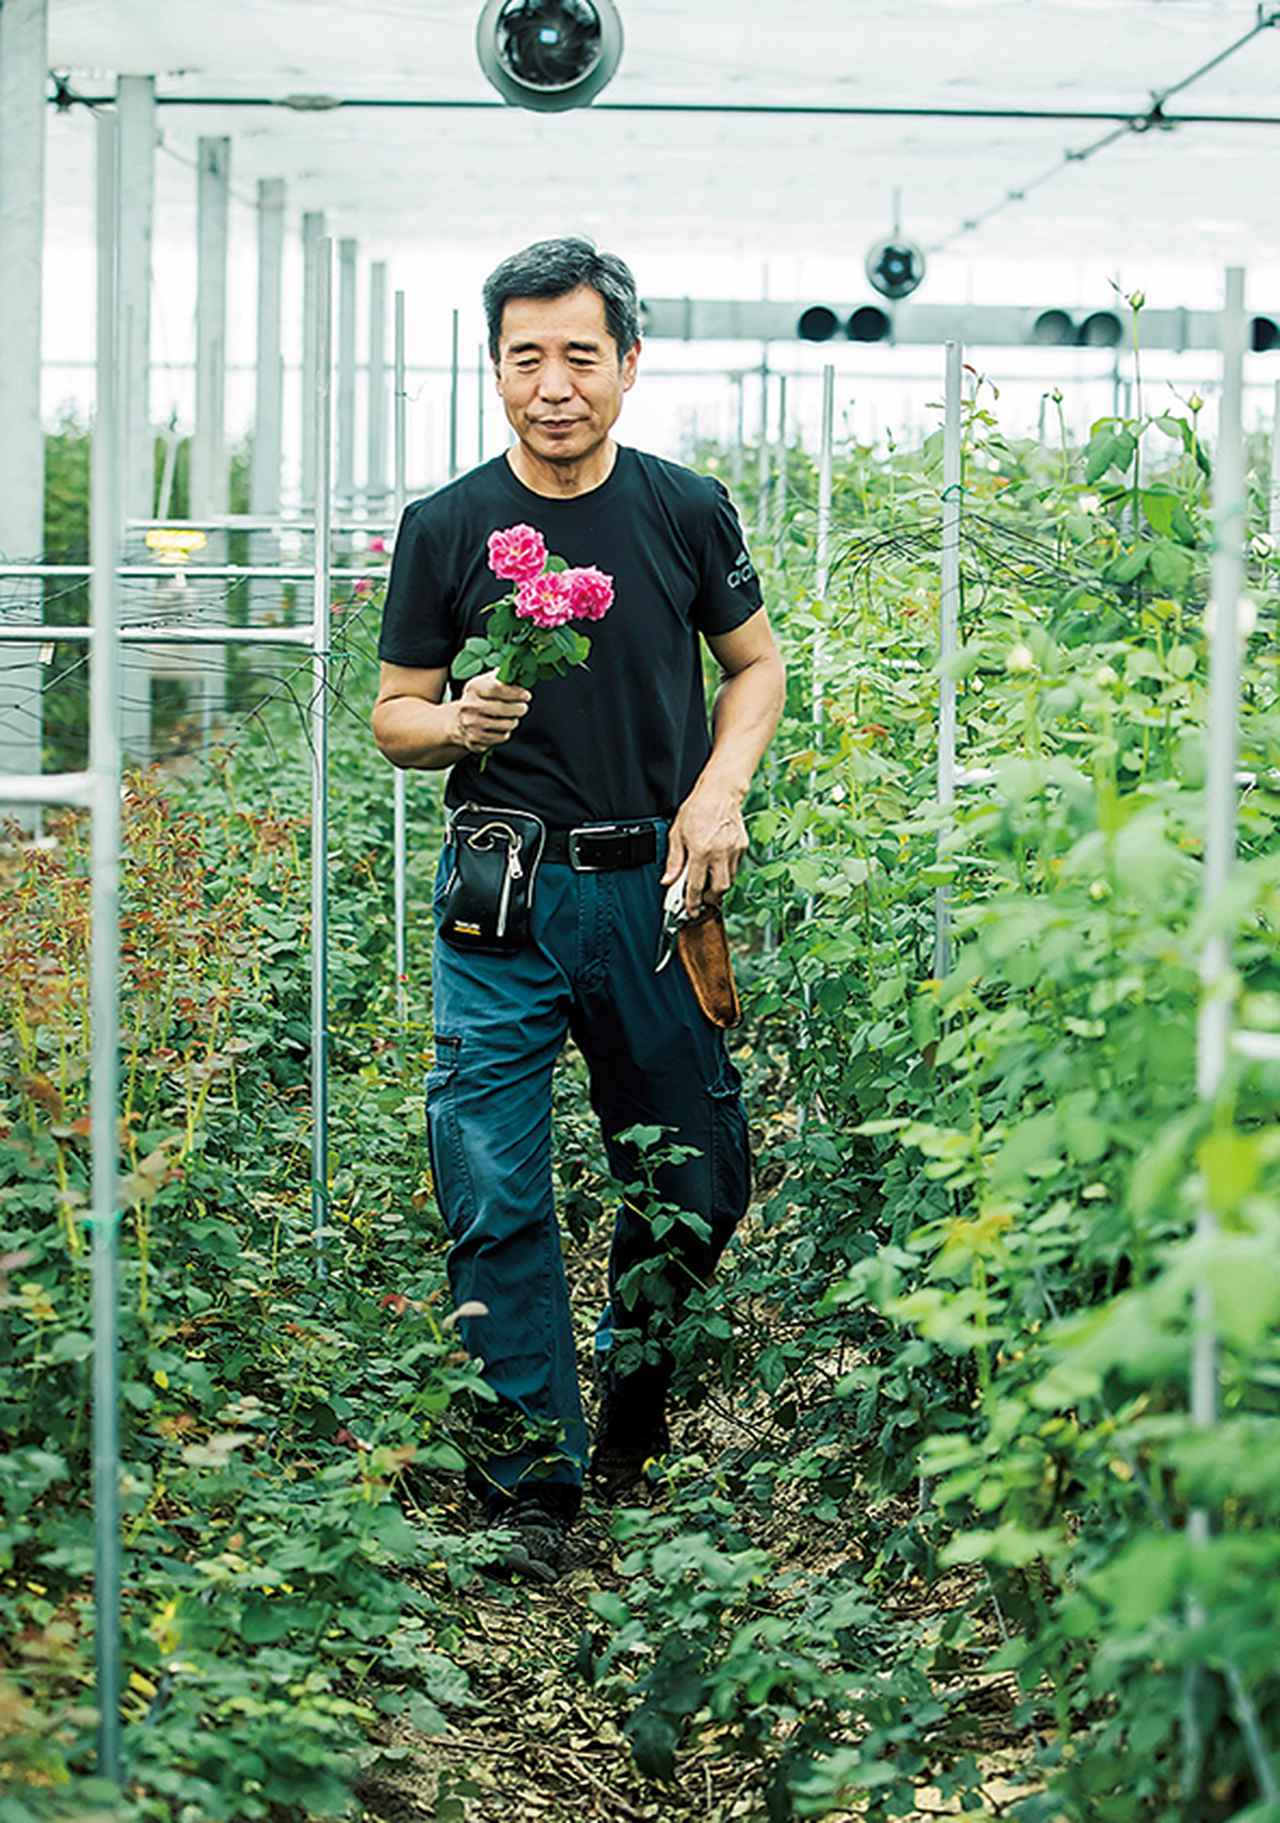 Images : 3番目の画像 - 「Rose Farm KEIJIが 生み出す唯一無二の「和ばら」。 その名前にこめられた想いを紐とく」のアルバム - T JAPAN:The New York Times Style Magazine 公式サイト